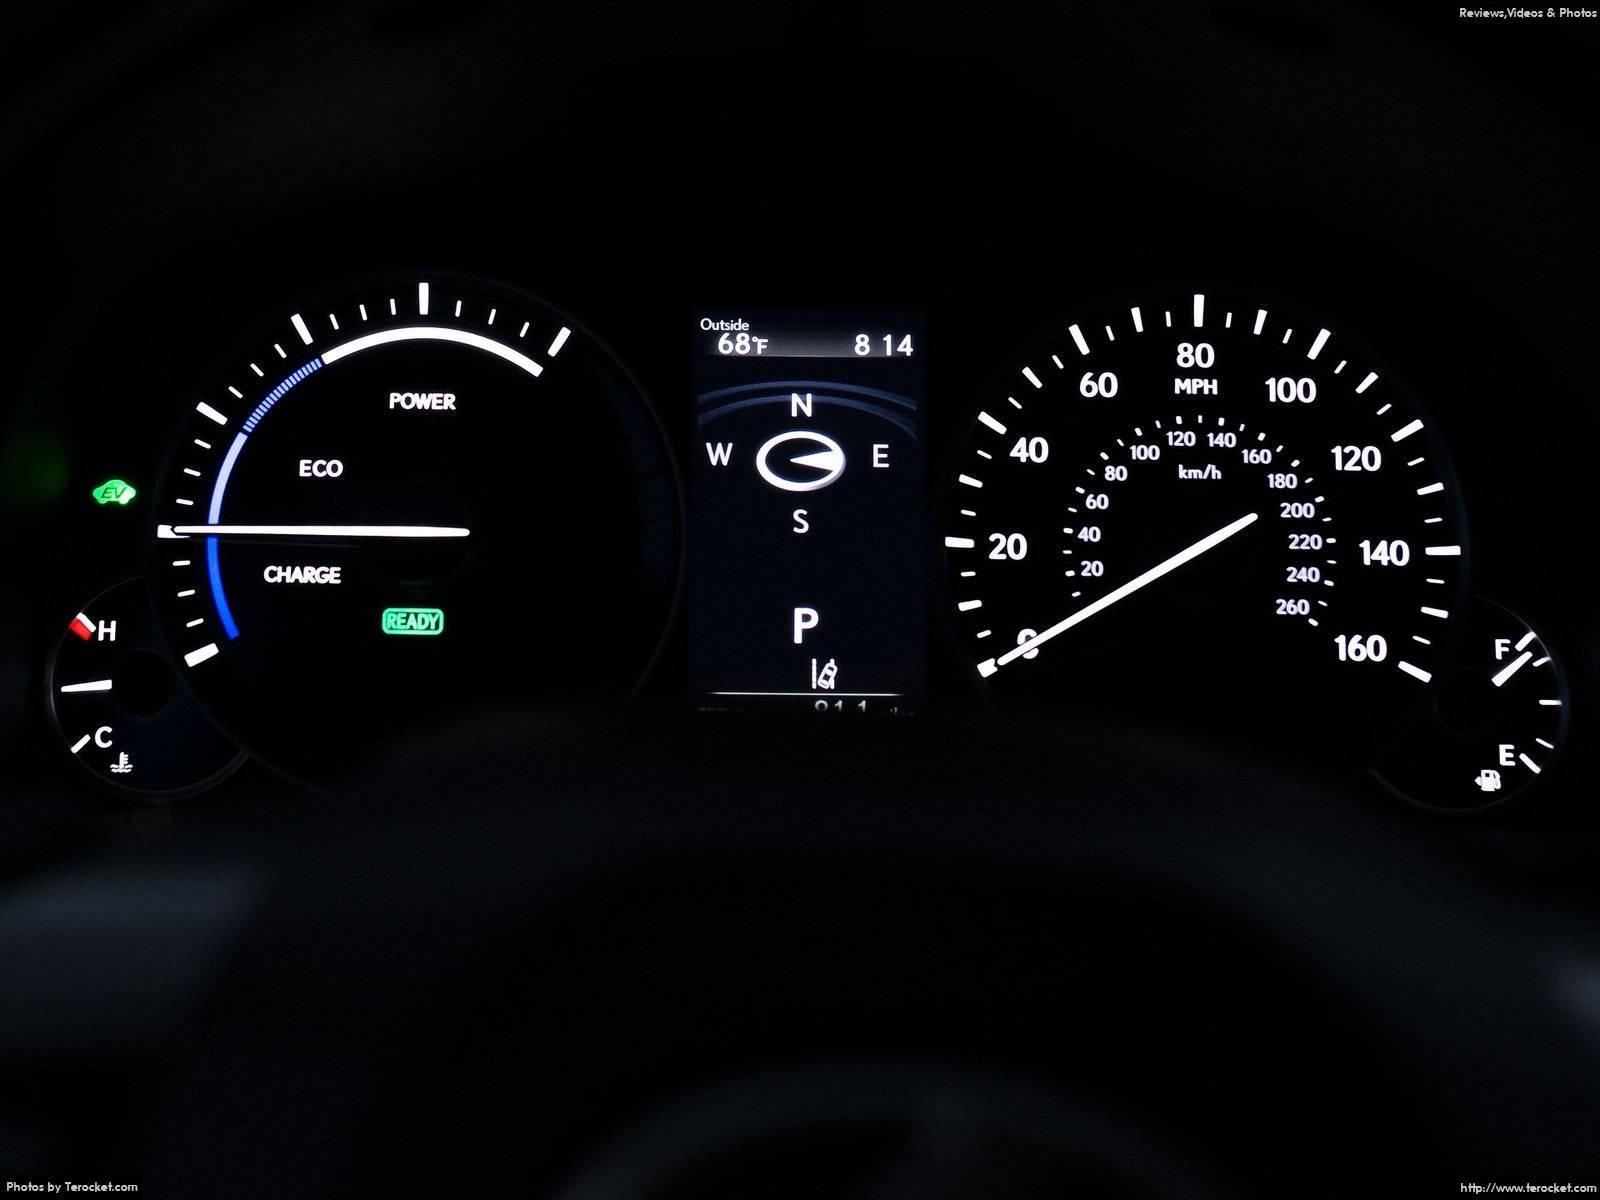 Hệ thống đồng hồ hiển thị thông tin, tốc độ, nhiên liệu và cảnh báo